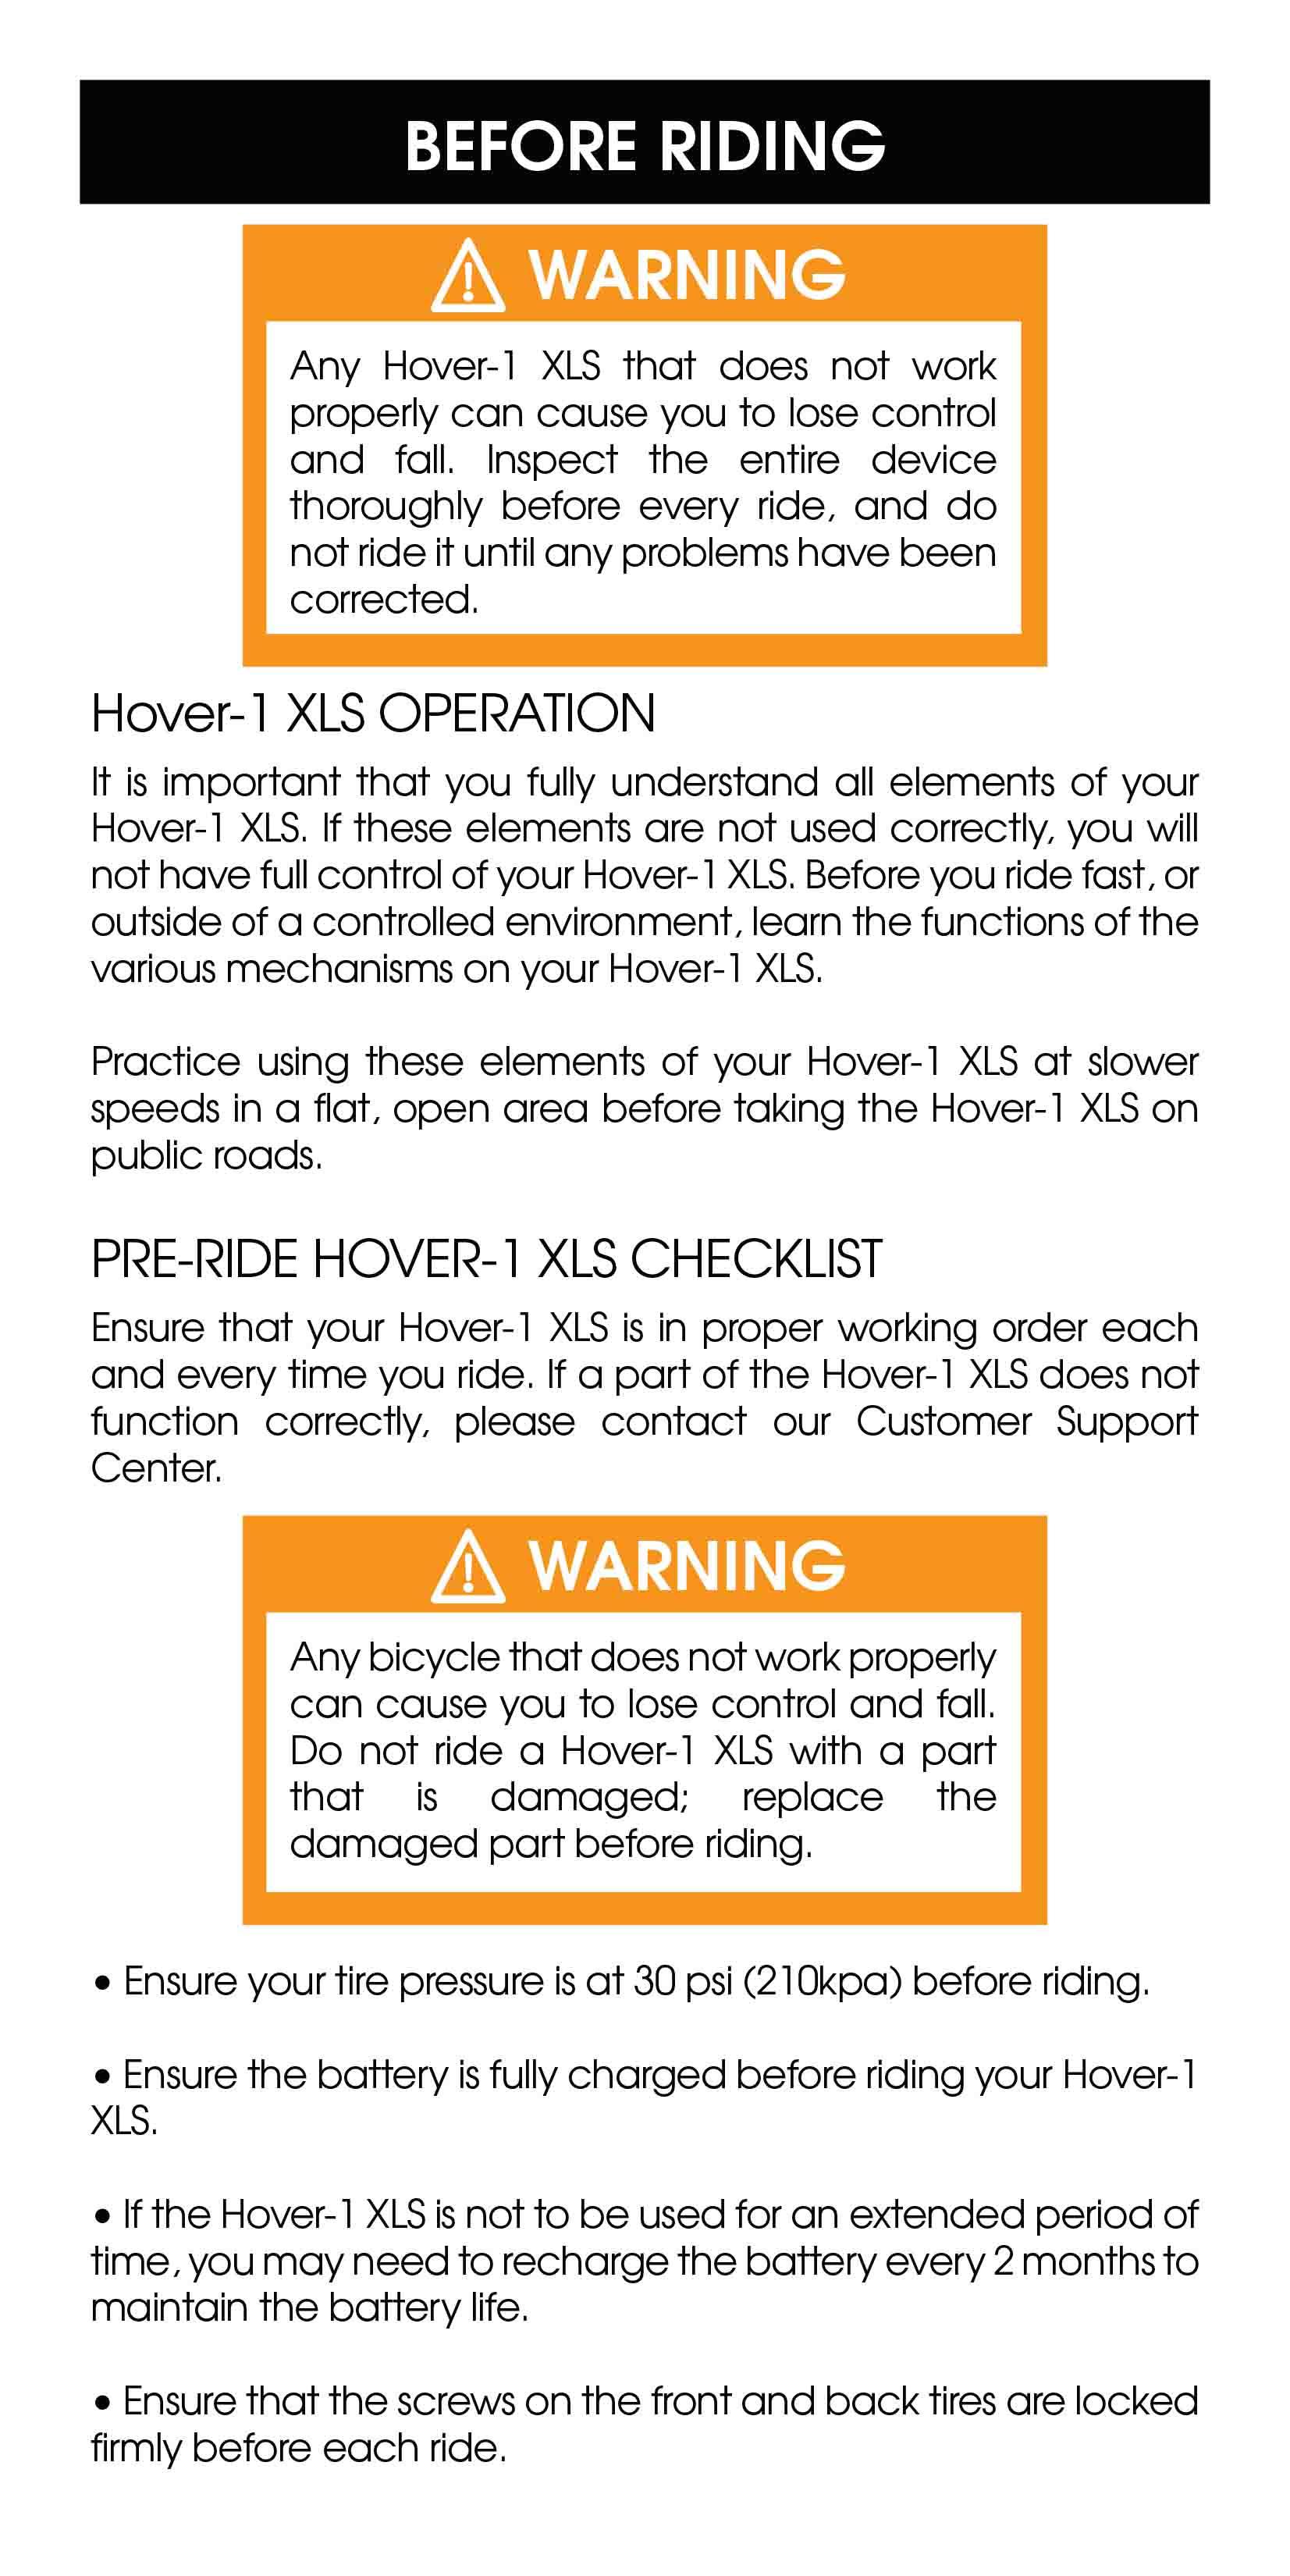 HY-HBKE-Manual-09132016 20.jpg